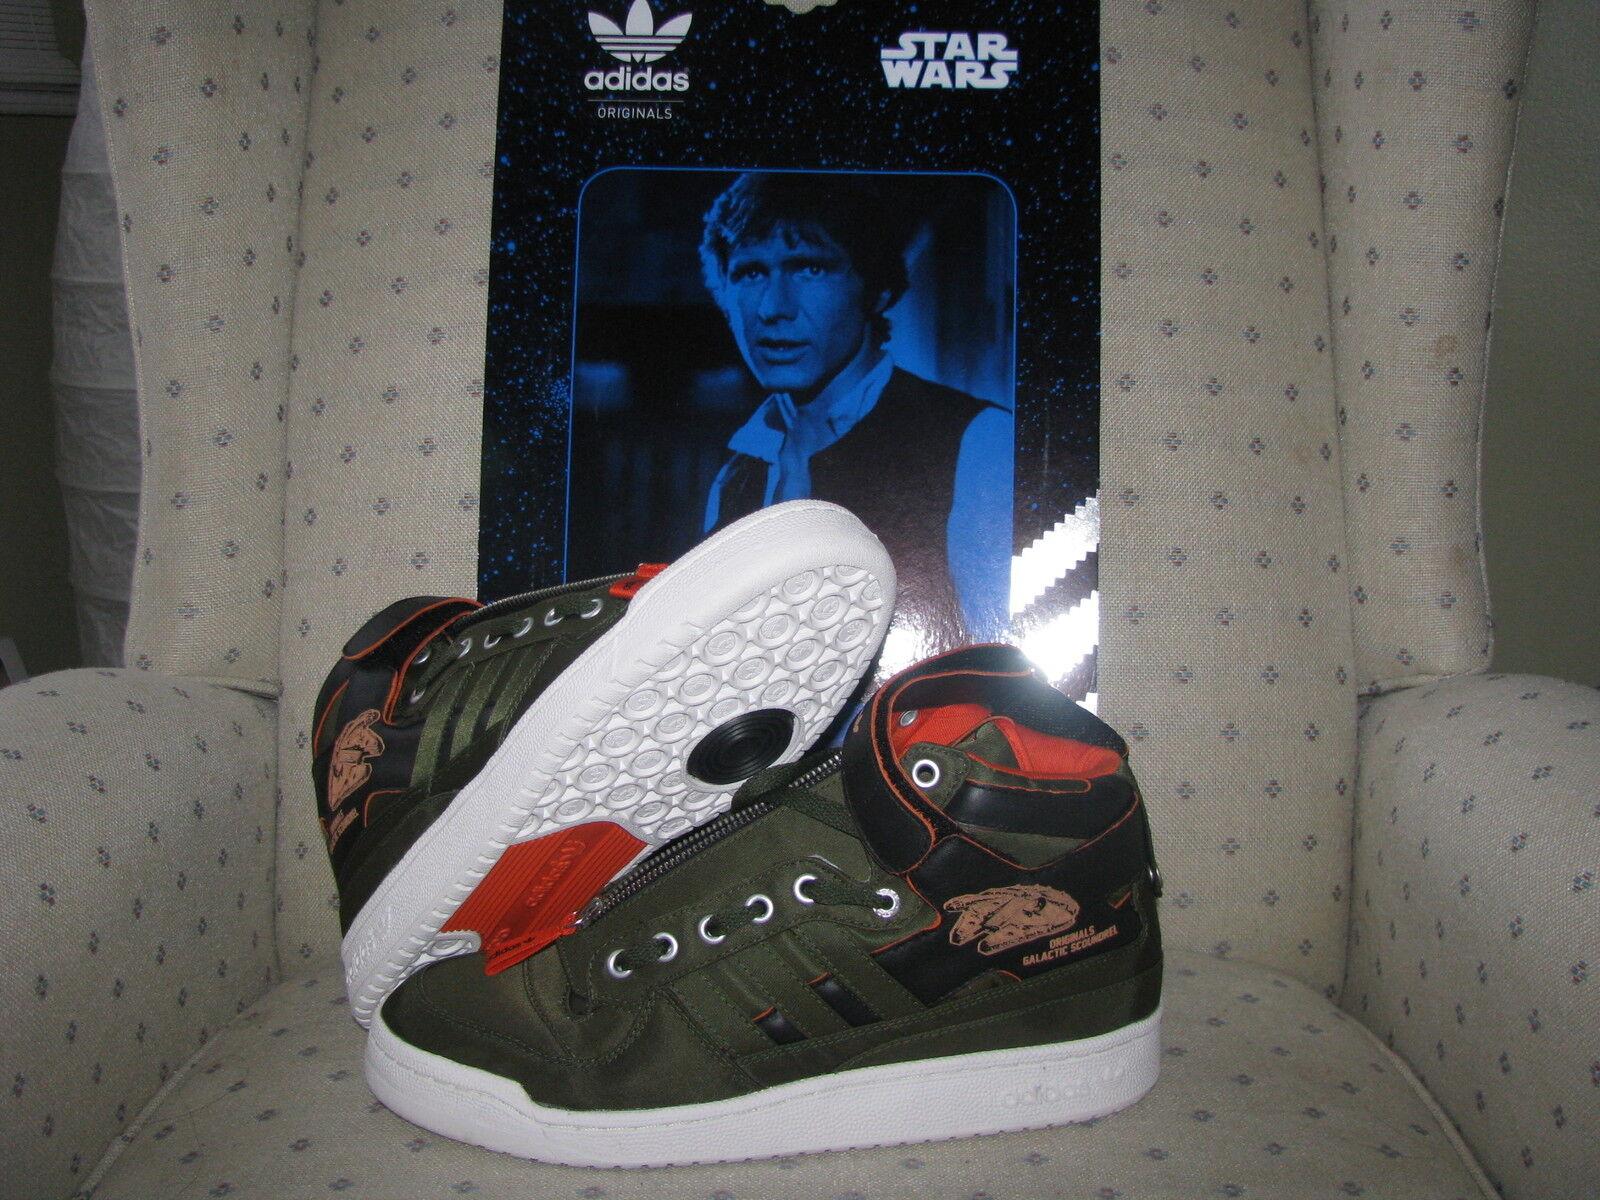 ADIDAS ORIGINALS STAR WARS Forum MID HAN SOLO shoes Skywalker Darth Vader Boba